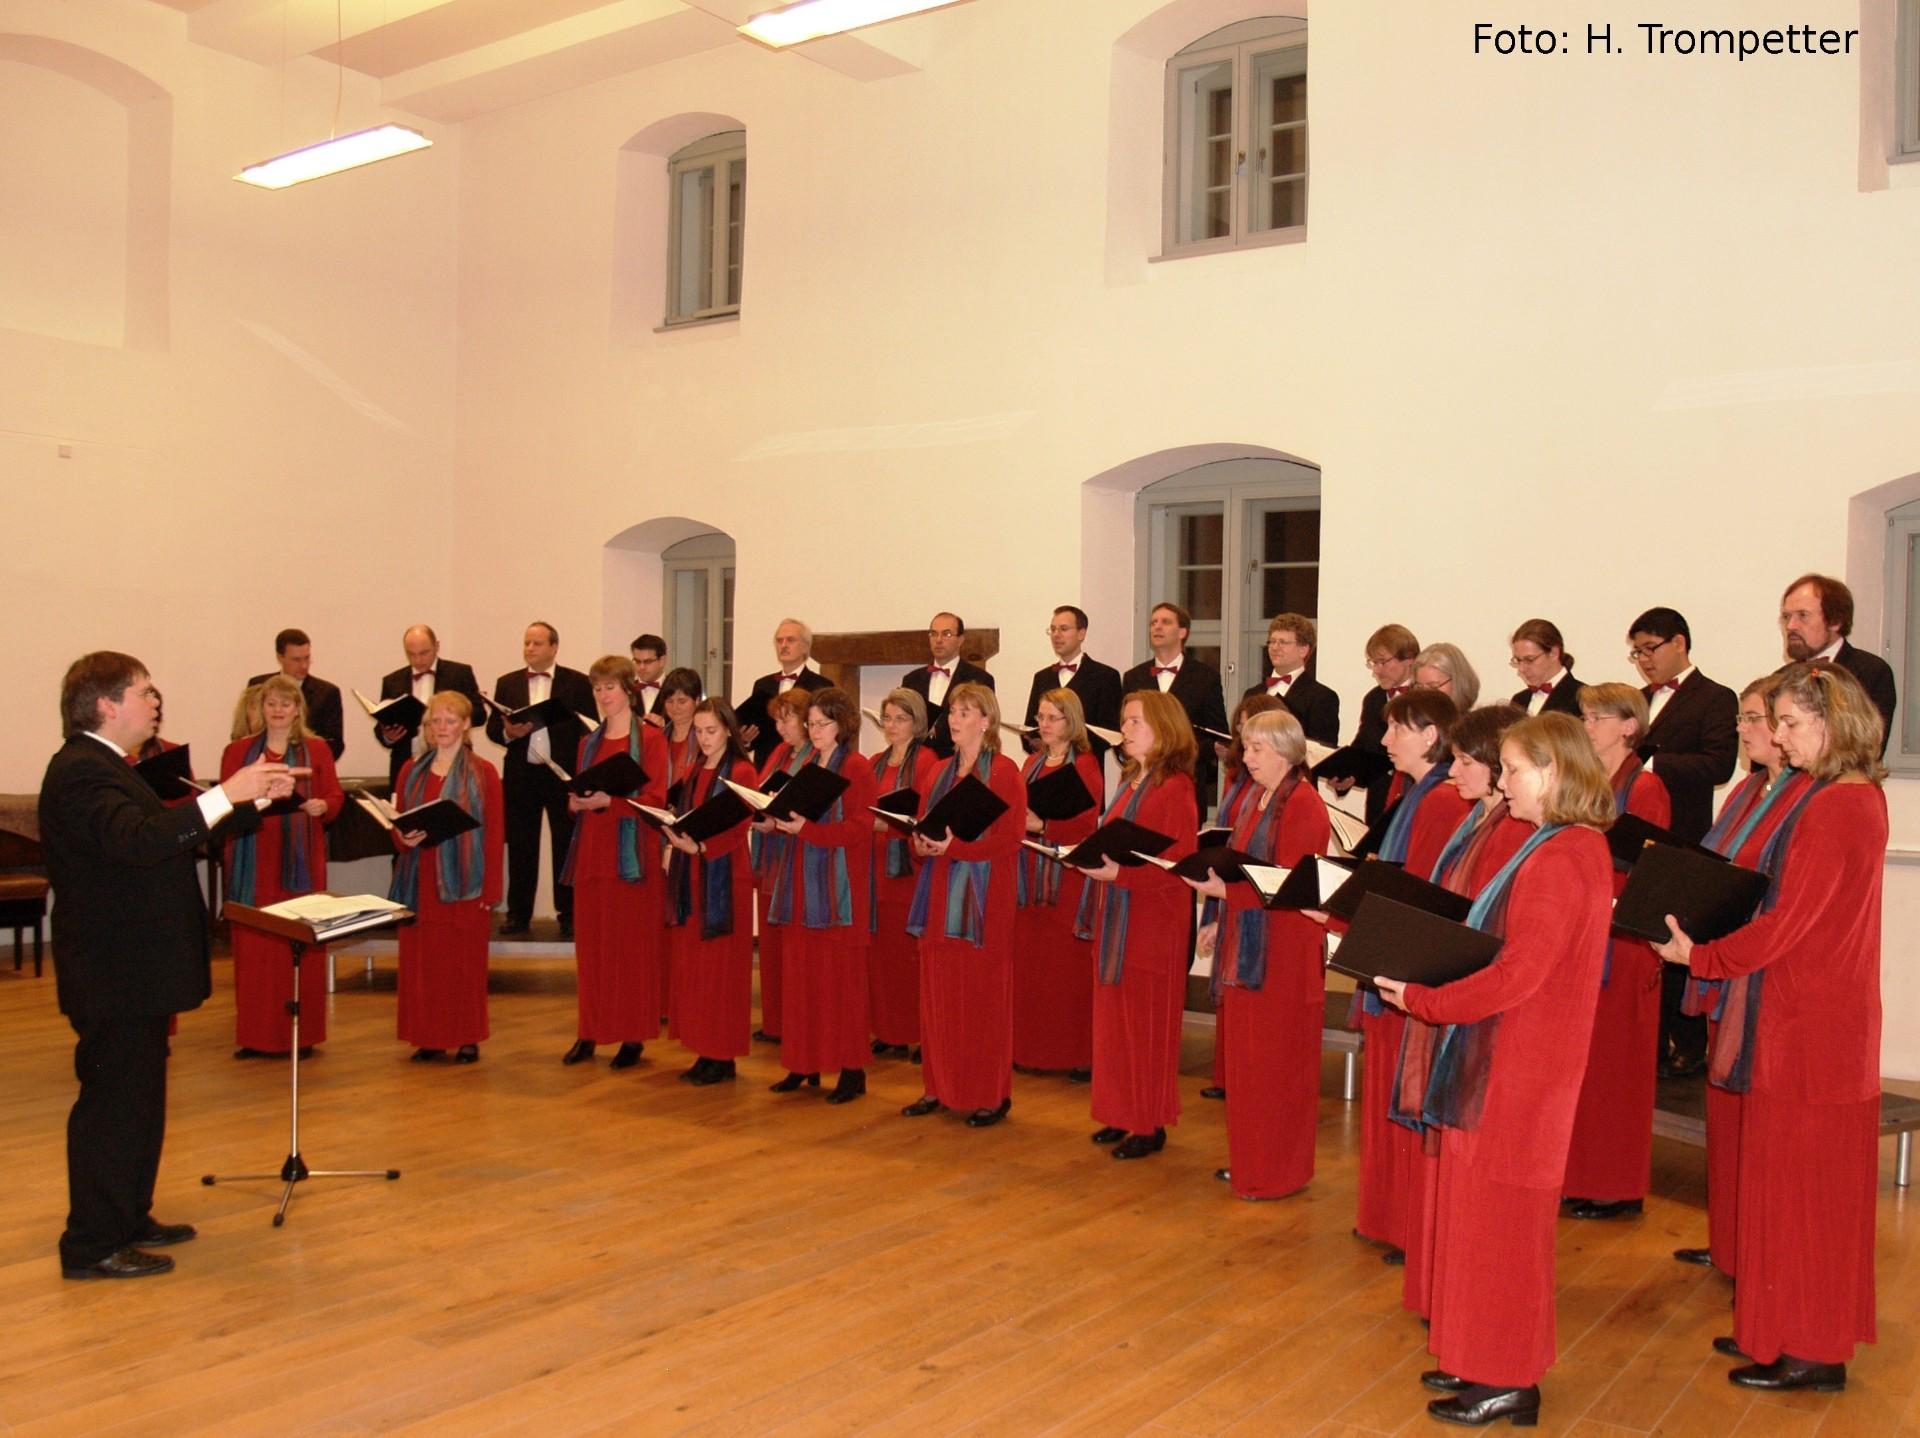 10-11-13-Bergedorfer-Kammerchor-MM-06